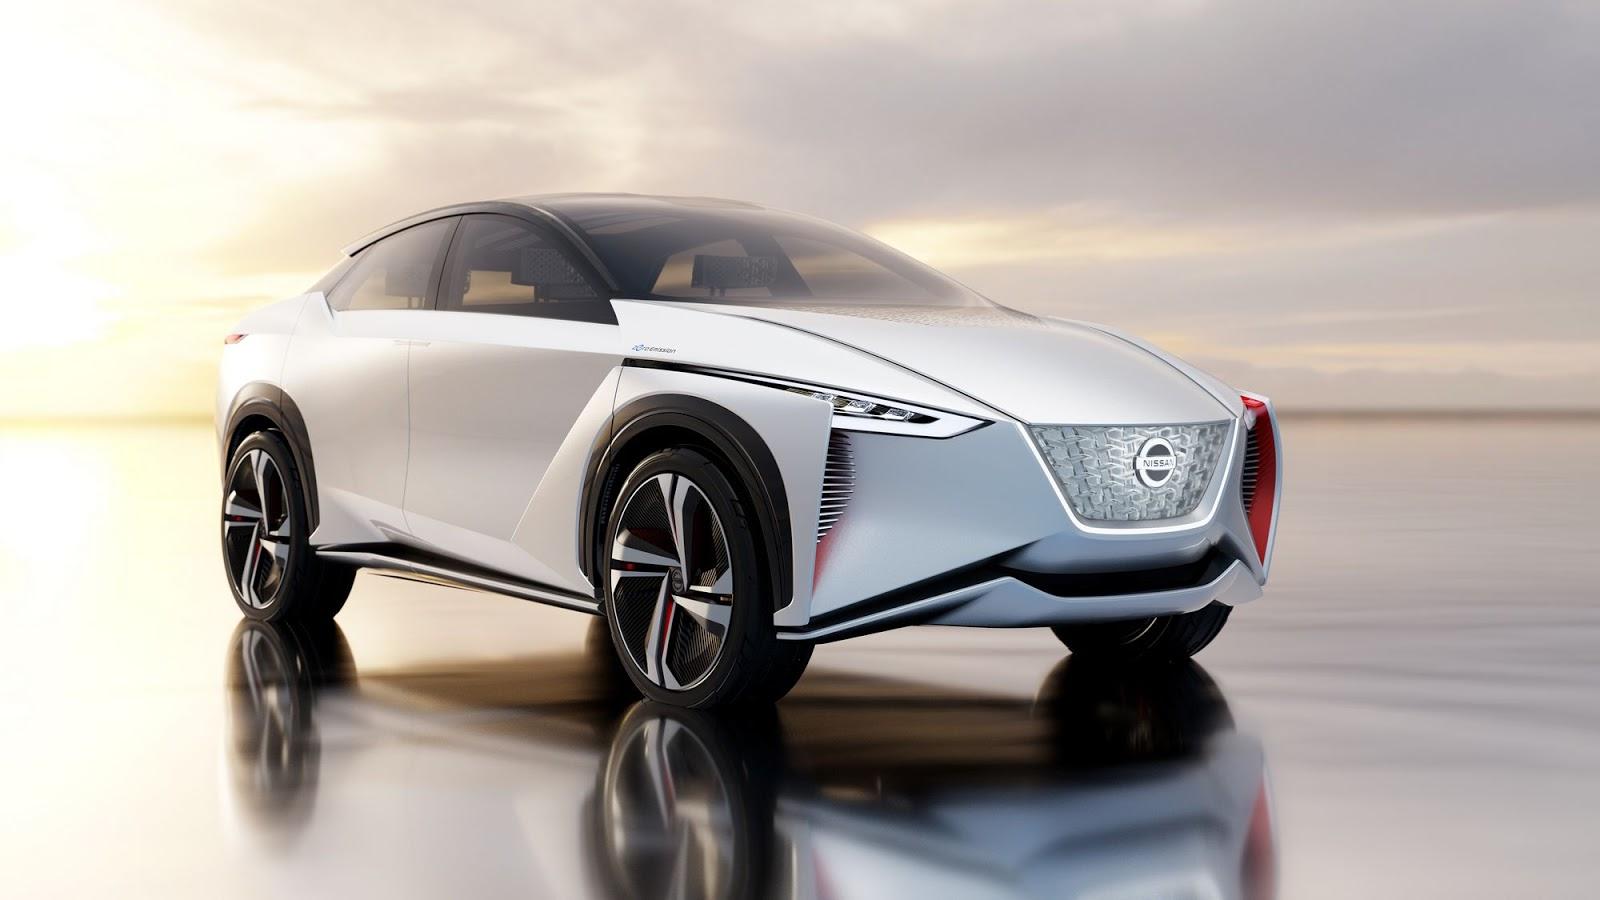 El Salón de Tokio viaja al futuro del automóvil